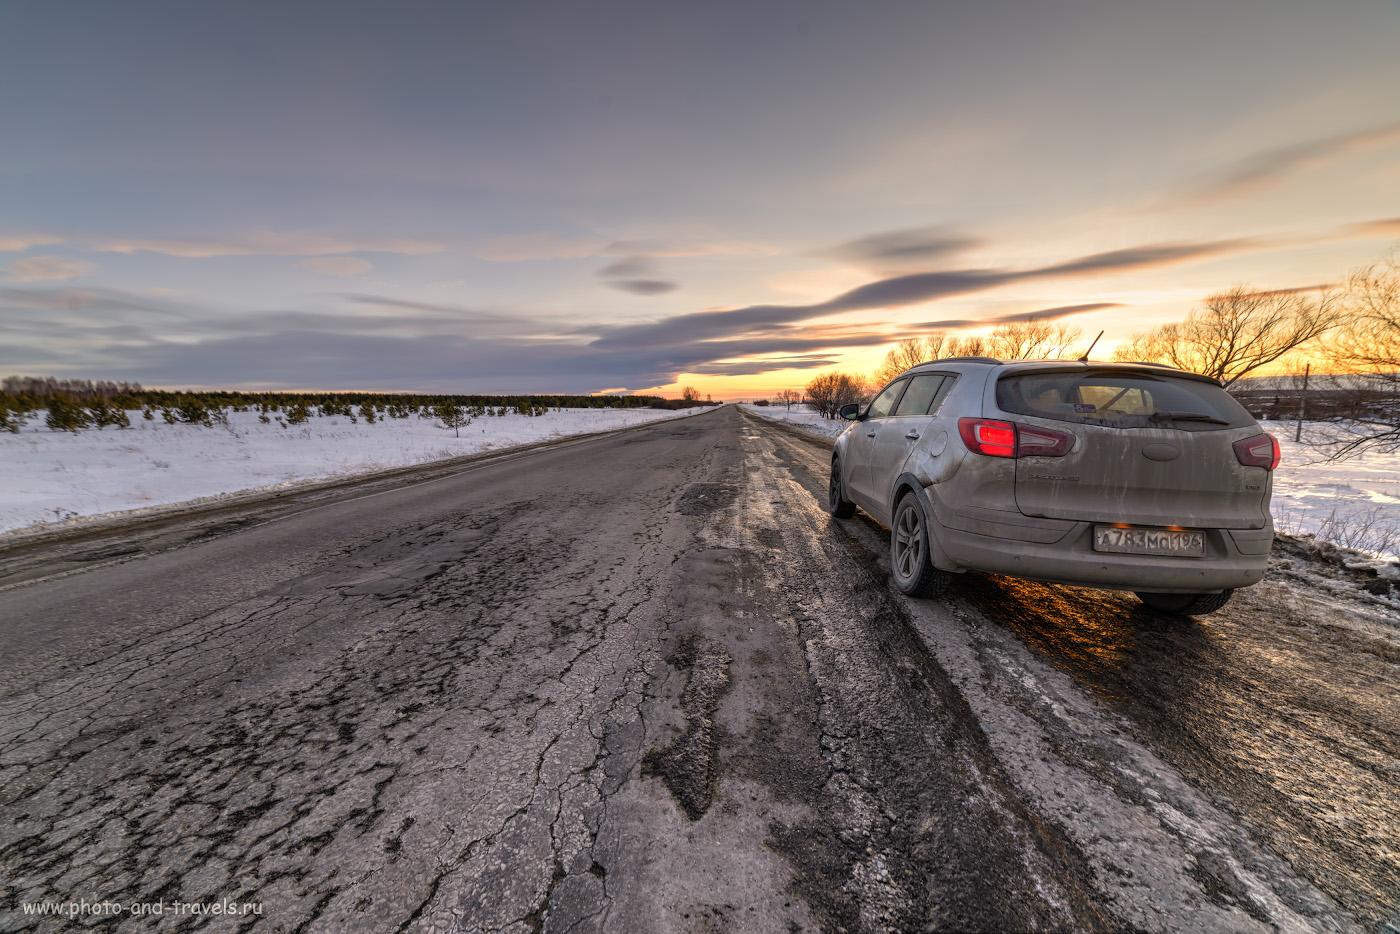 Фото 39. Вечерний этюд с немытой машиной. Облака над Снежинском, где расположен комбинат «Маяк». HDR из 3-х кадров, снятых на Samyang 14mm f/2.8 со штатива.